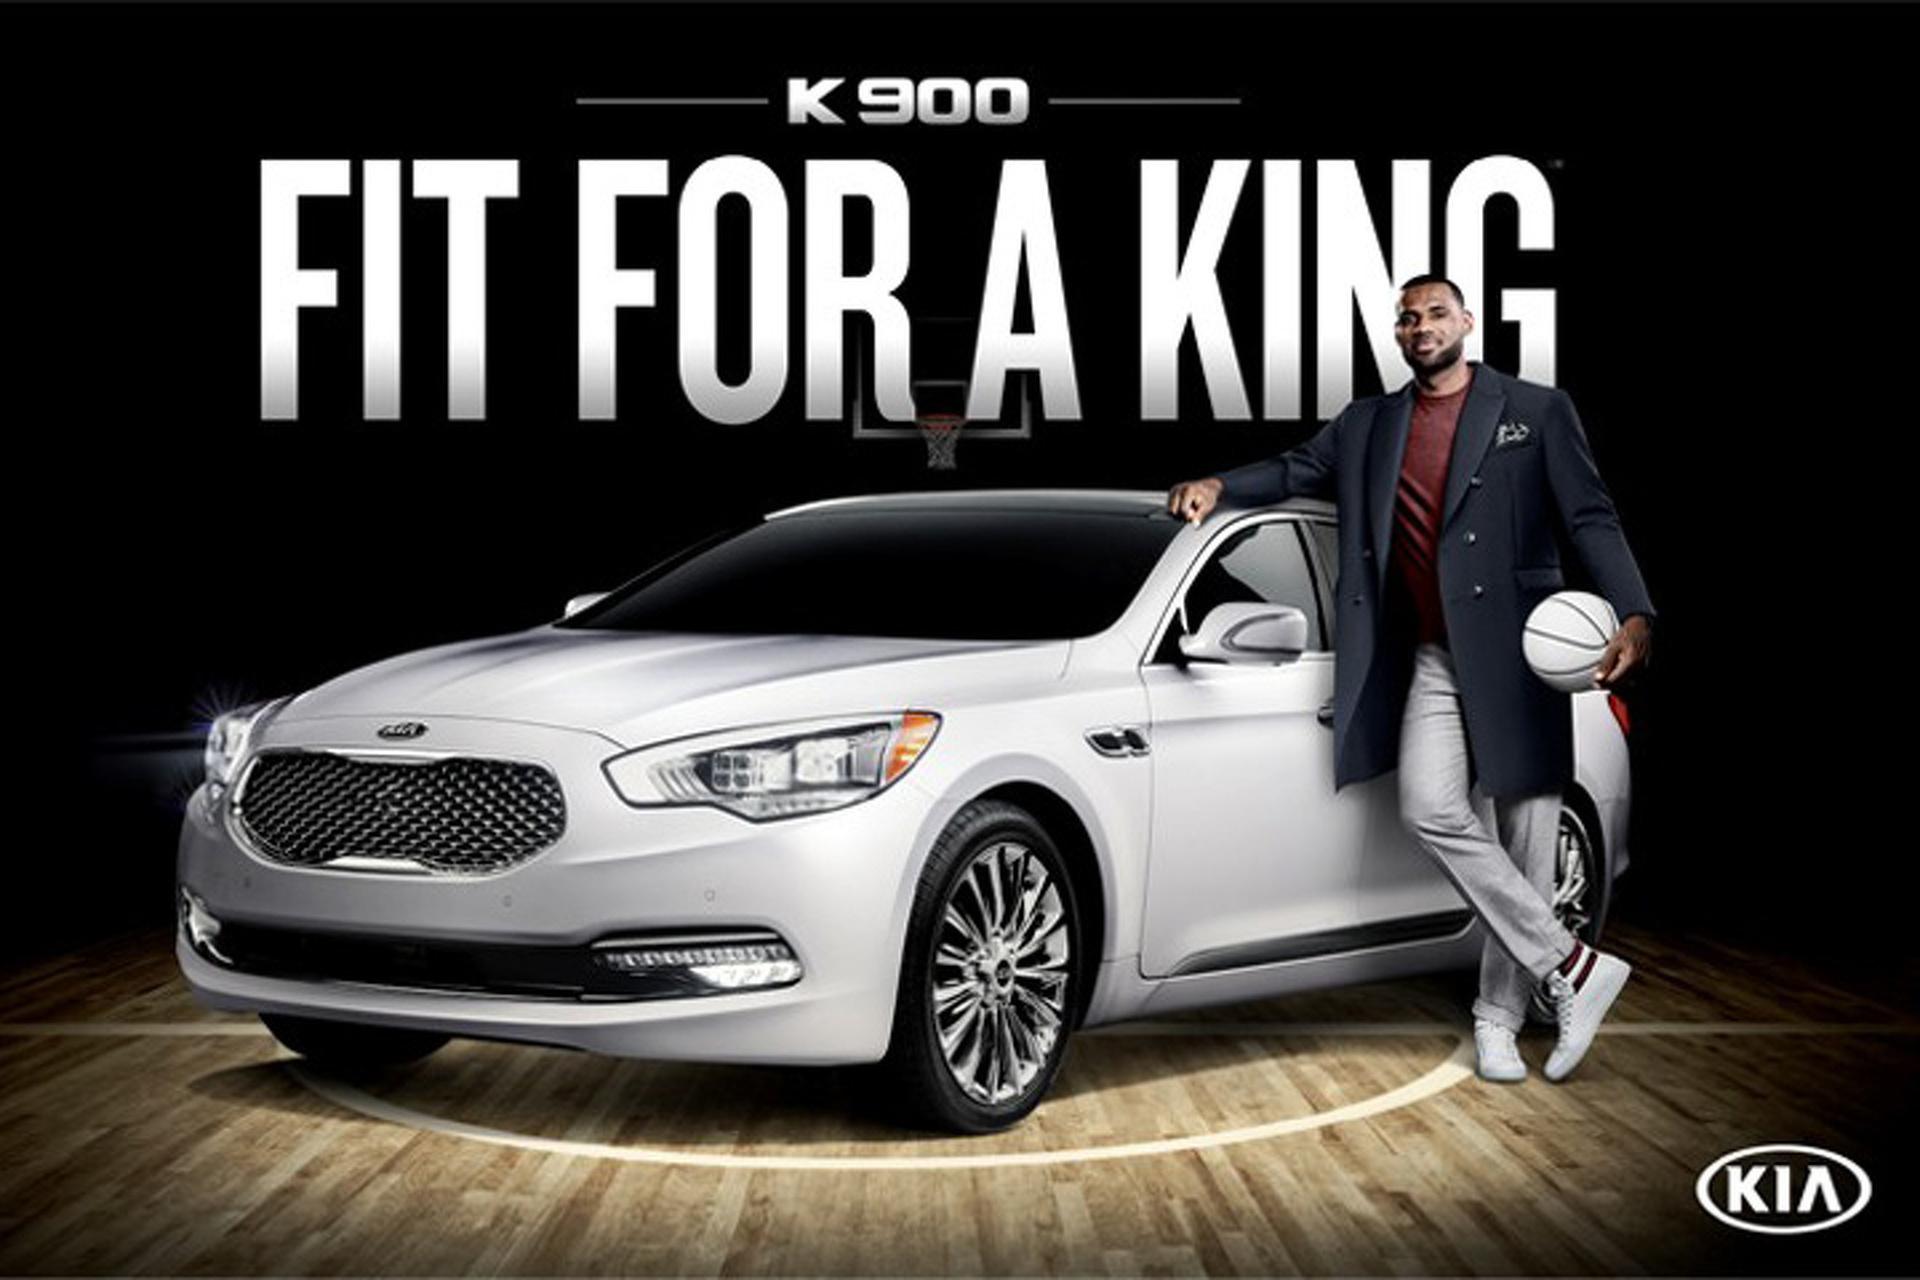 Can LeBron James Make the Kia K900 Cool?